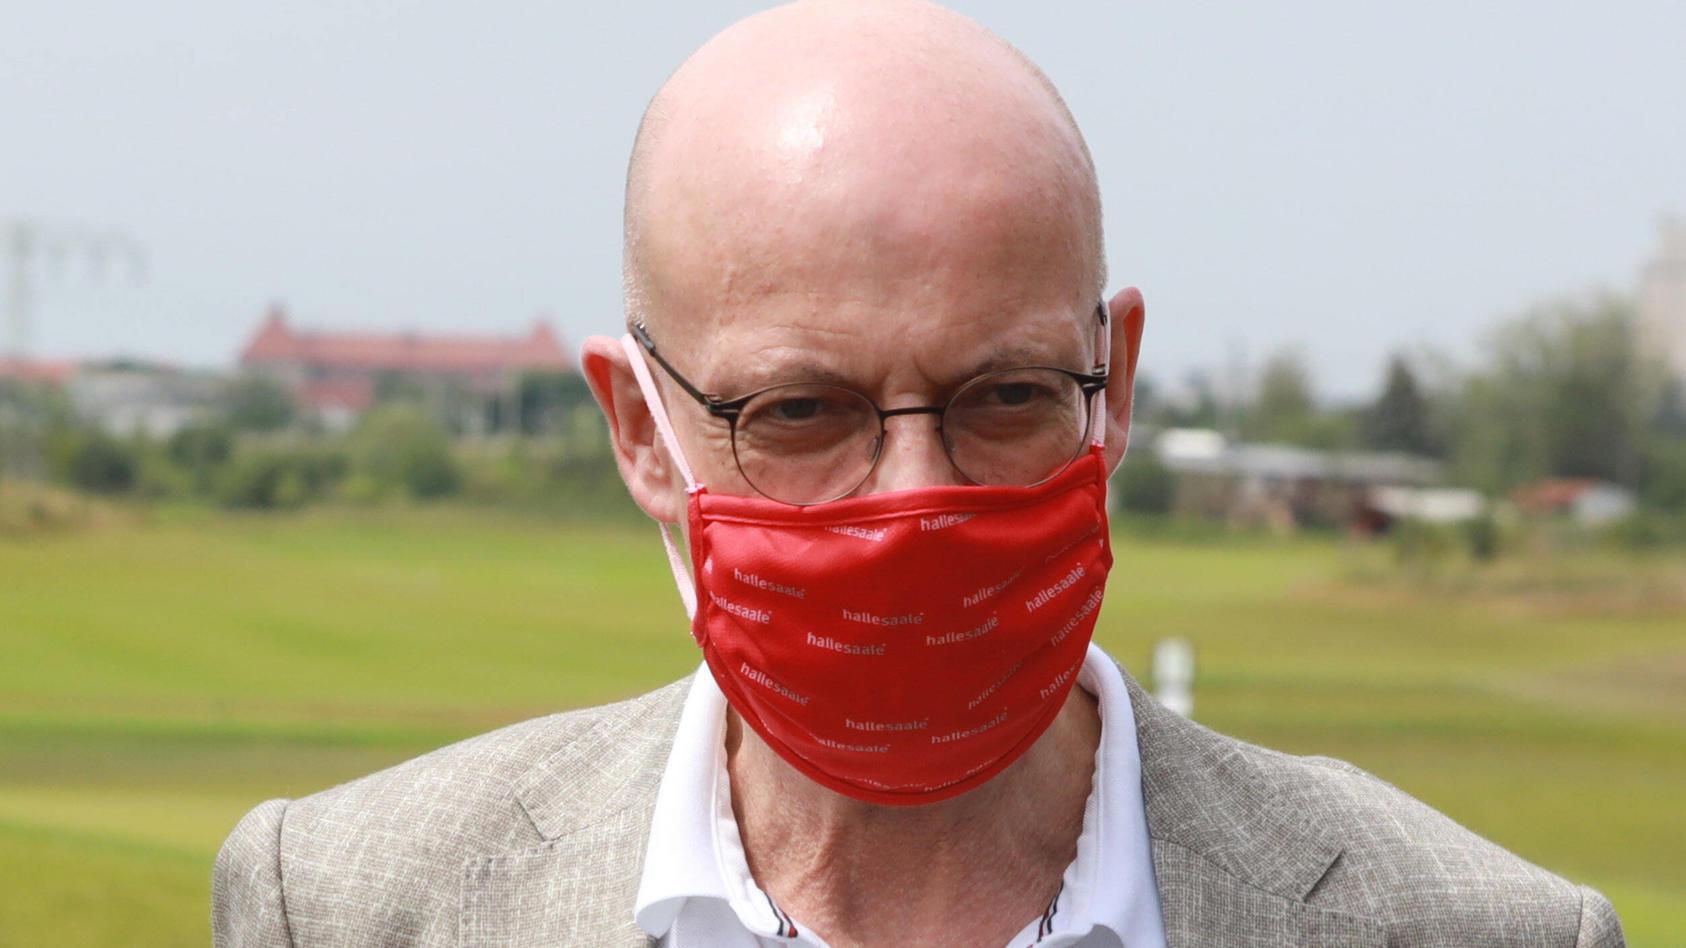 Halles Oberbürgermeister Bernd Wiegand ist besorgt über die Lage in seiner Stadt.